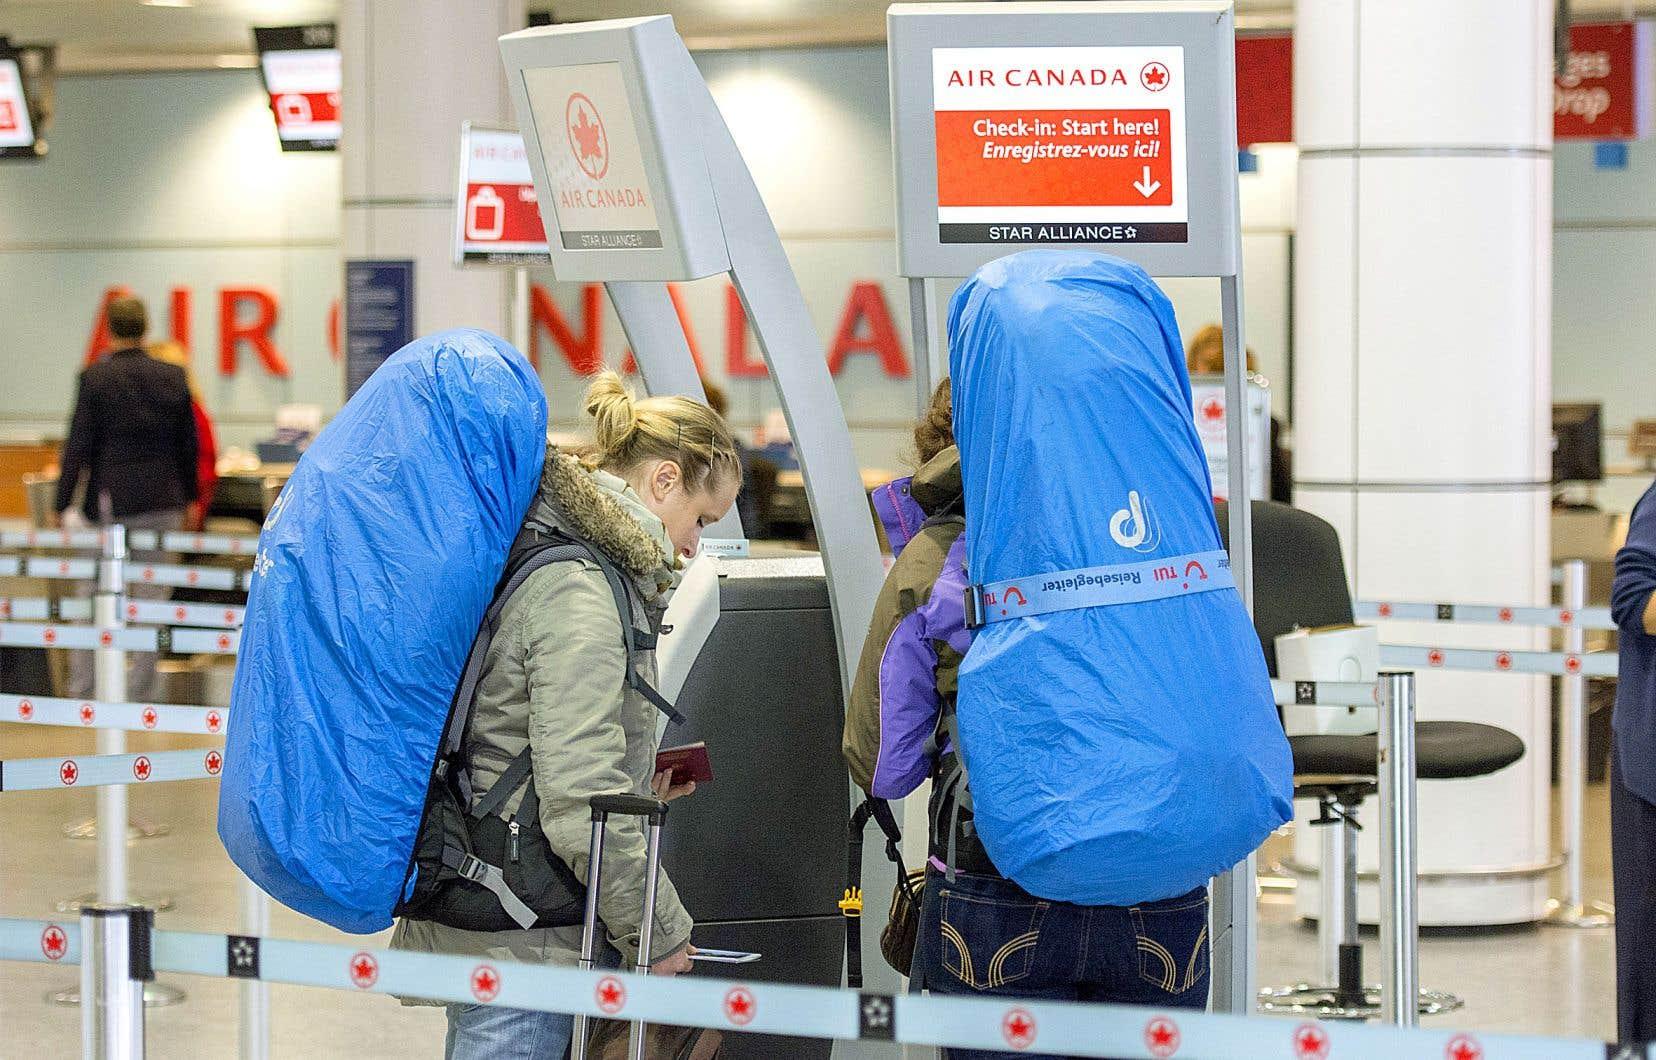 Air Canada permet aux voyageurs d'effectuer un changement sans frais pour les billets achetés entre le 4 mars et le 31 mars.